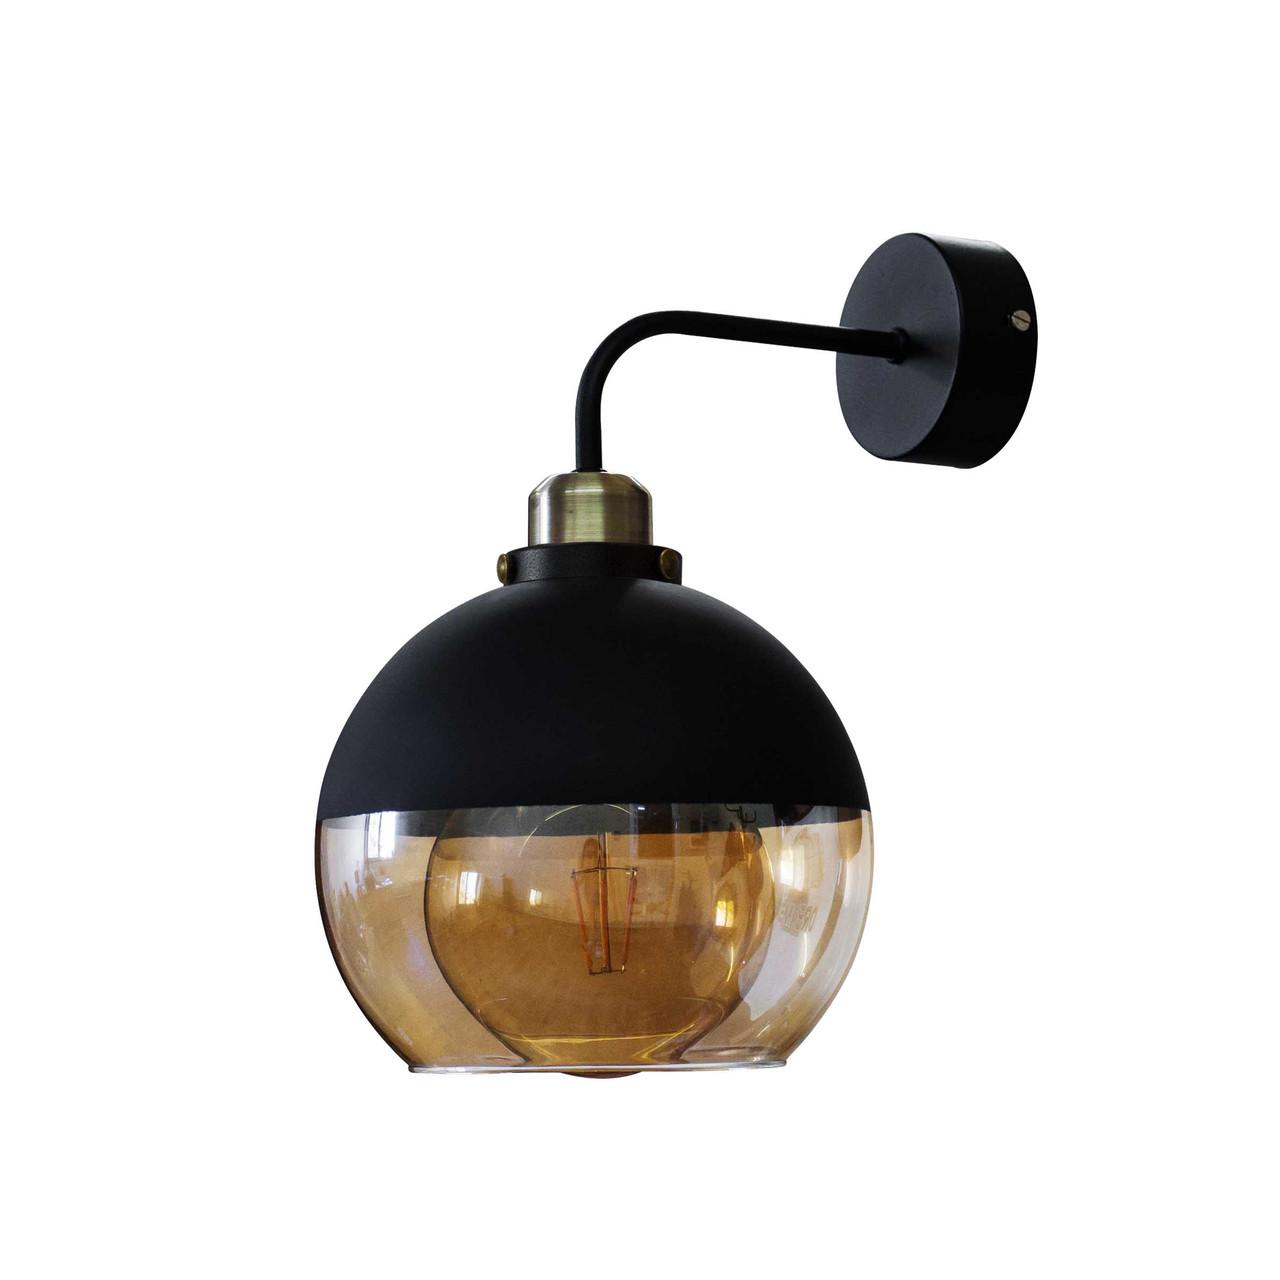 Бра  в стиле лофт  Стеклянный шар  LS 5152-1